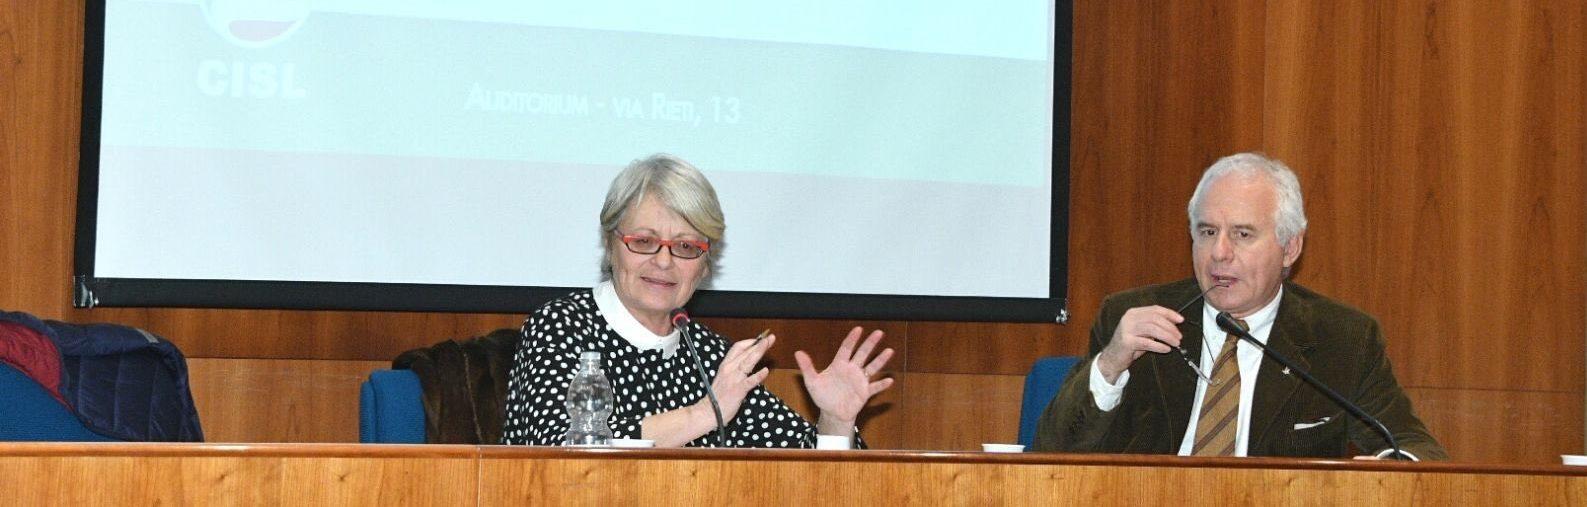 Furlan intervistata del direttore di Avvenire Tarquinio su europa, lavoro, fisco e welfare primi piano cislpiemonte.it